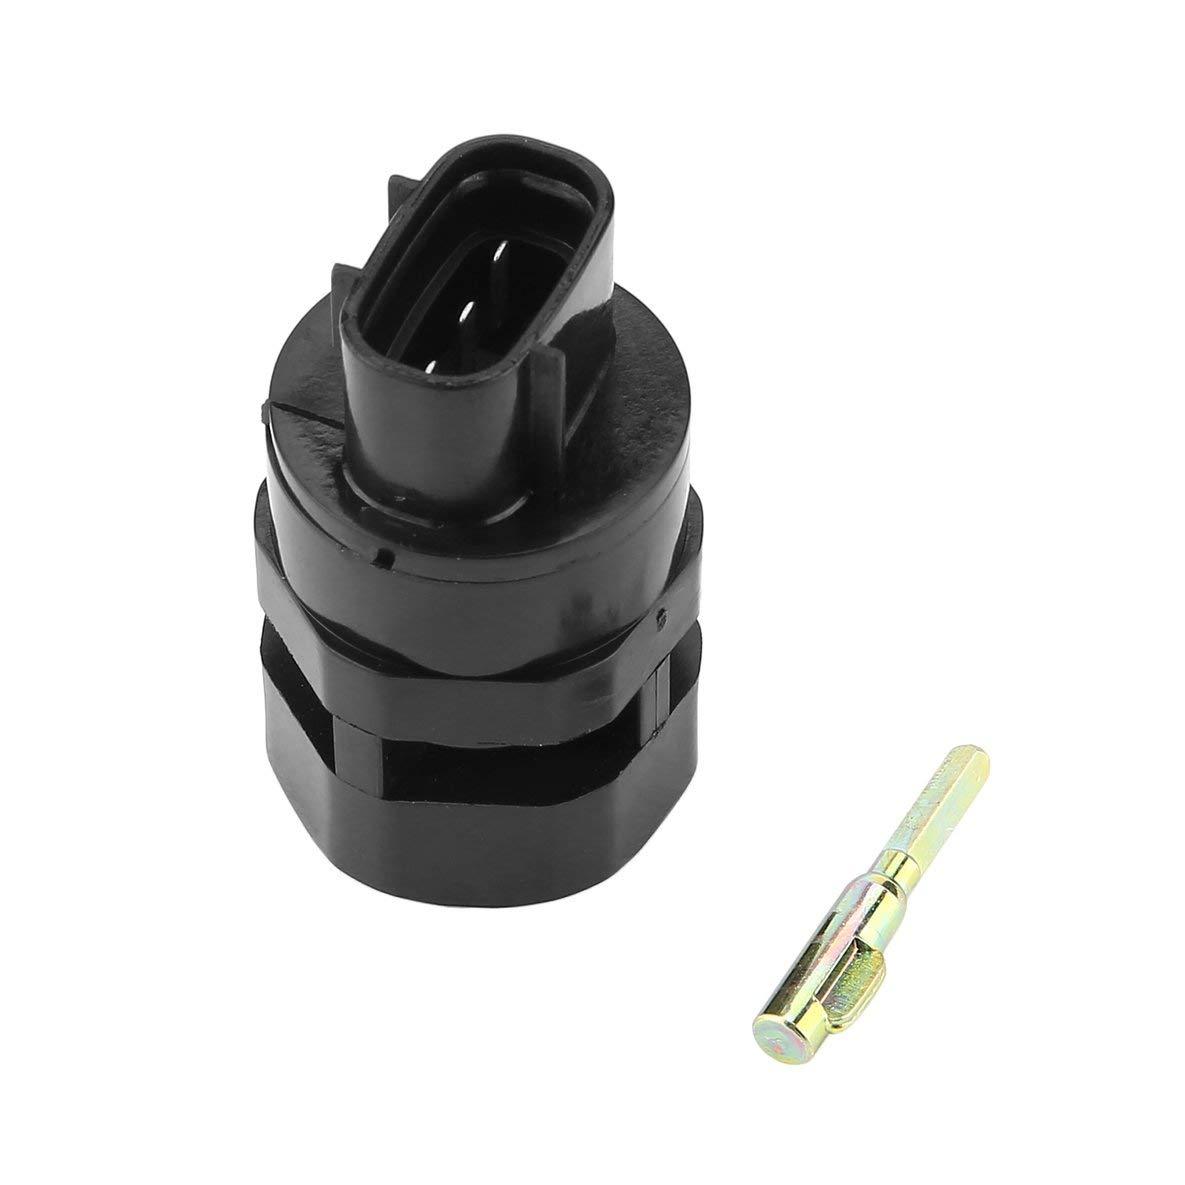 Sensor del odó metro de la velocidad de las piezas del vehí culo del coche para ISUZU para el soldado de recogida del rodeo para el pasaporte Acura SLX 8971297040 de HONDA Moliies